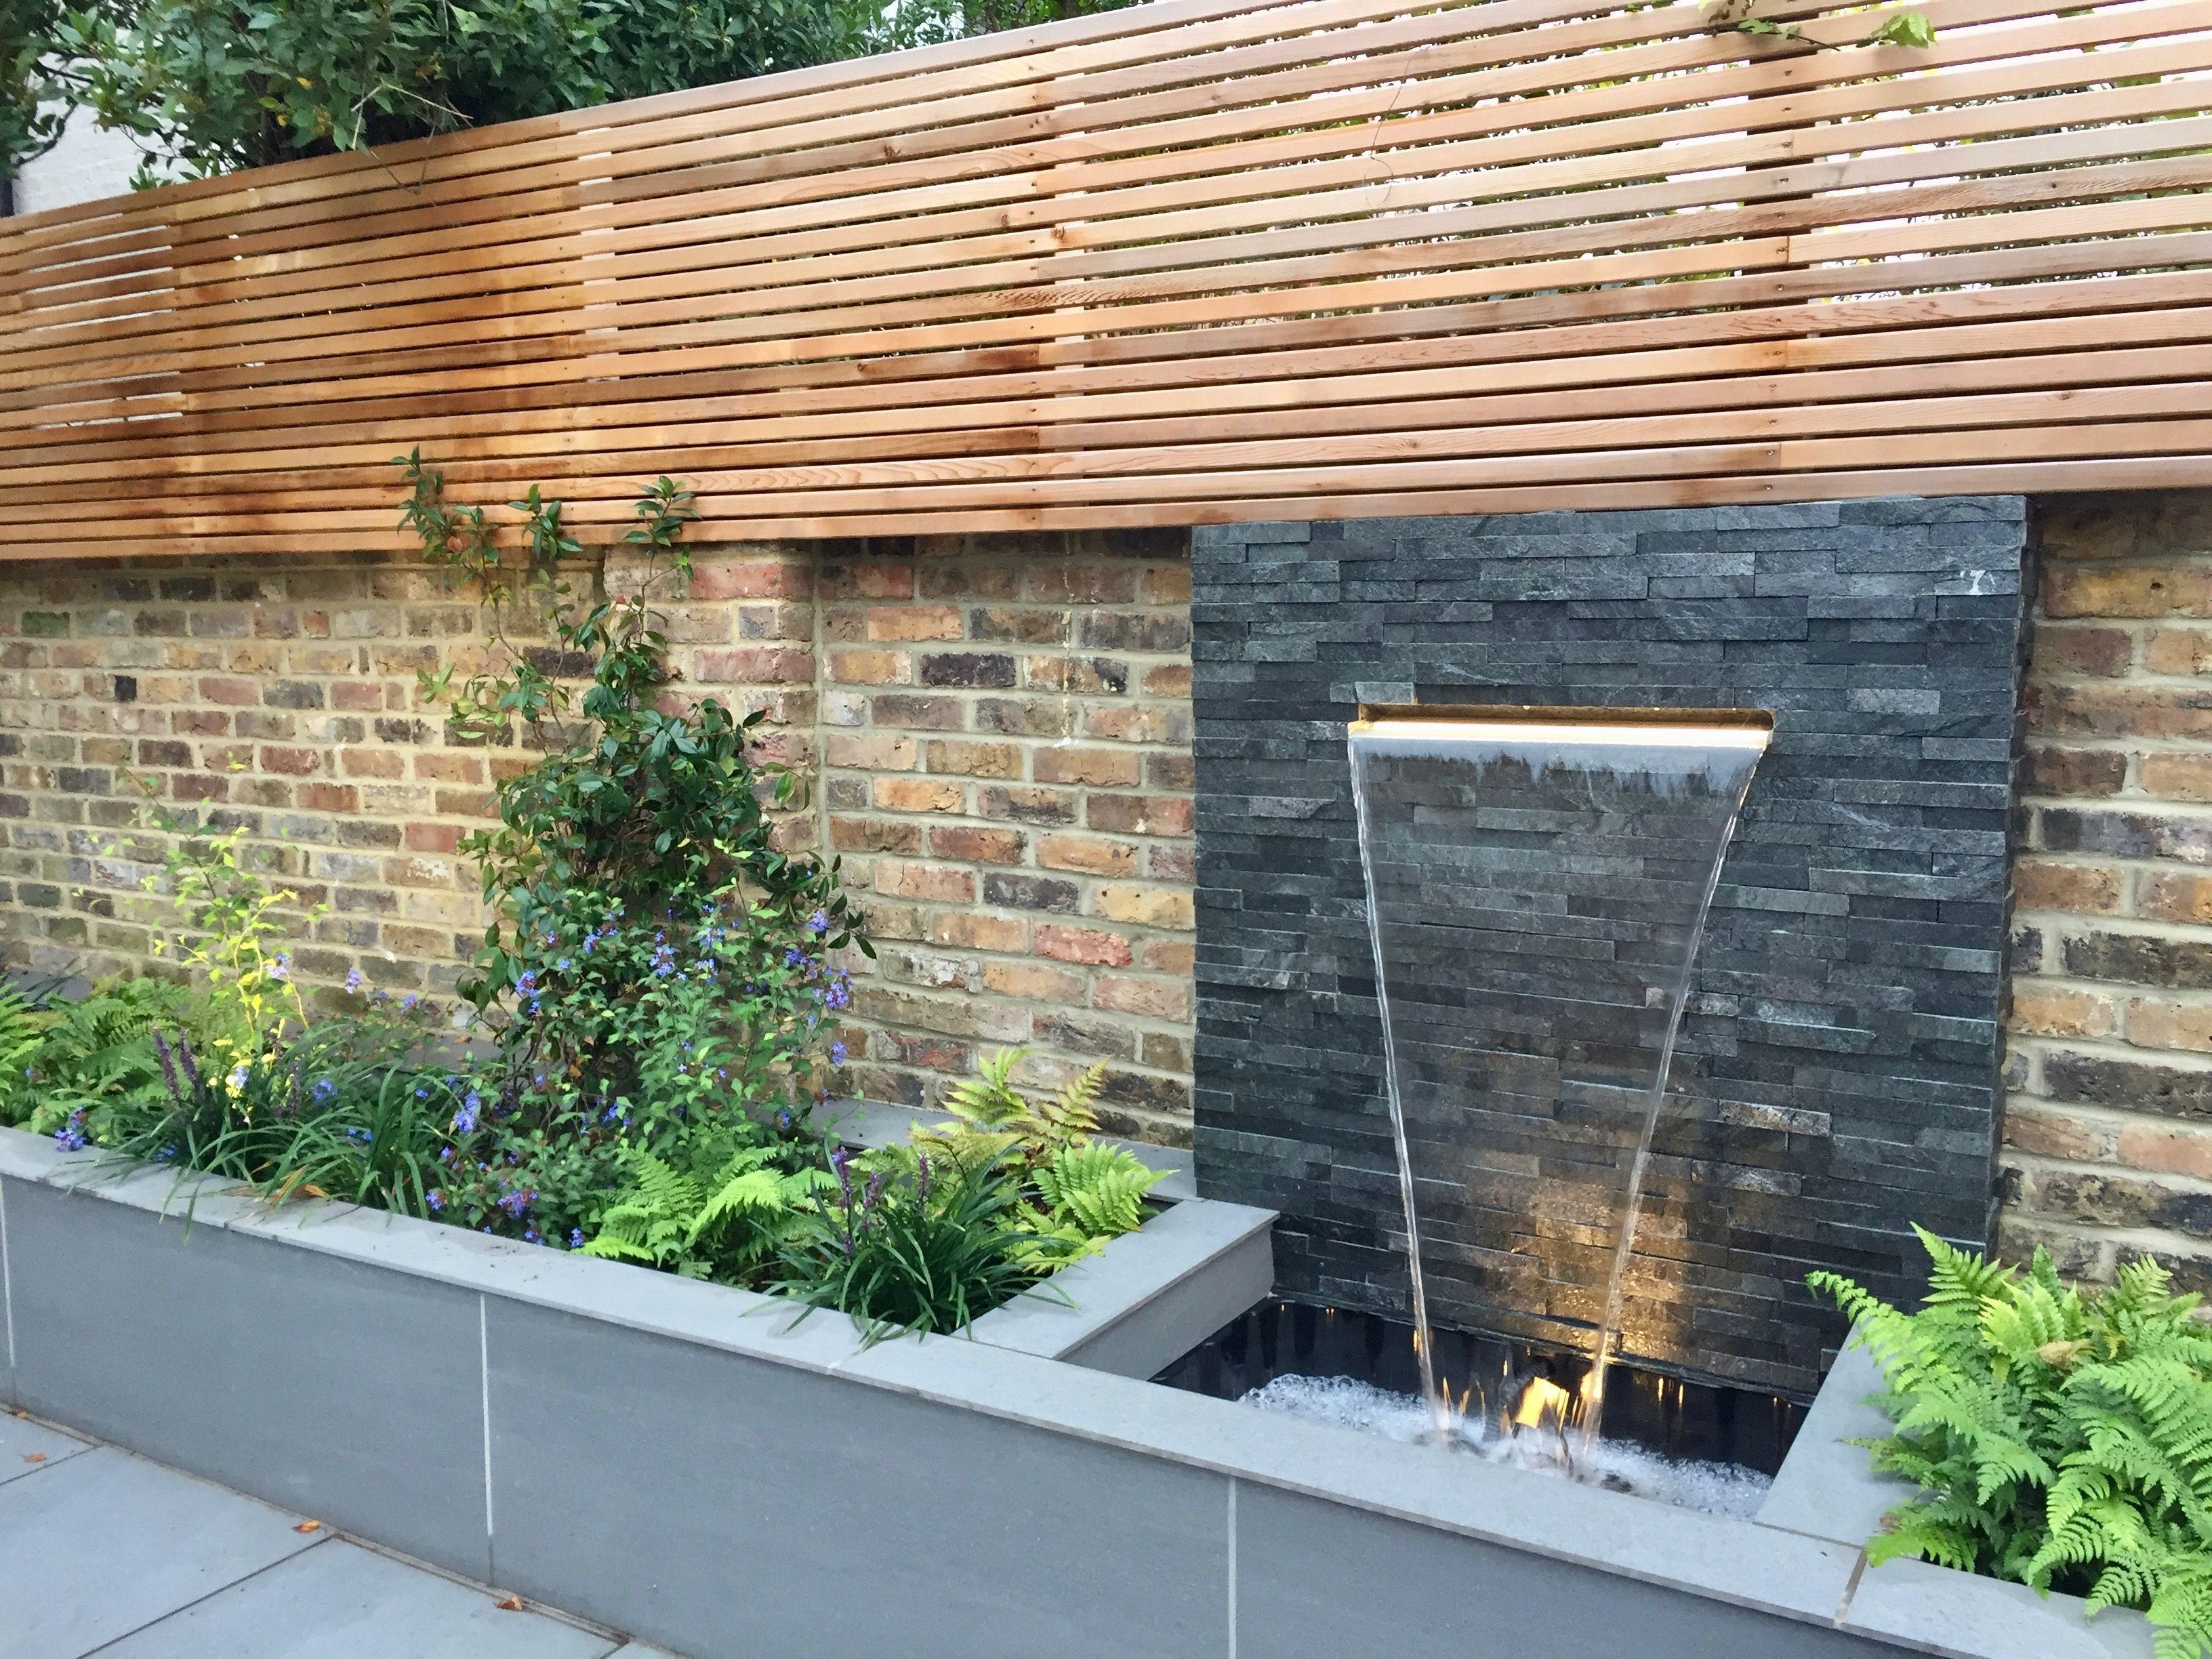 Moderne Led Leuchtet Wasser Klinge Mit Schieferfassaden Und Latten Spalier Water Features In The Garden Outdoor Wall Fountains Water Feature Wall